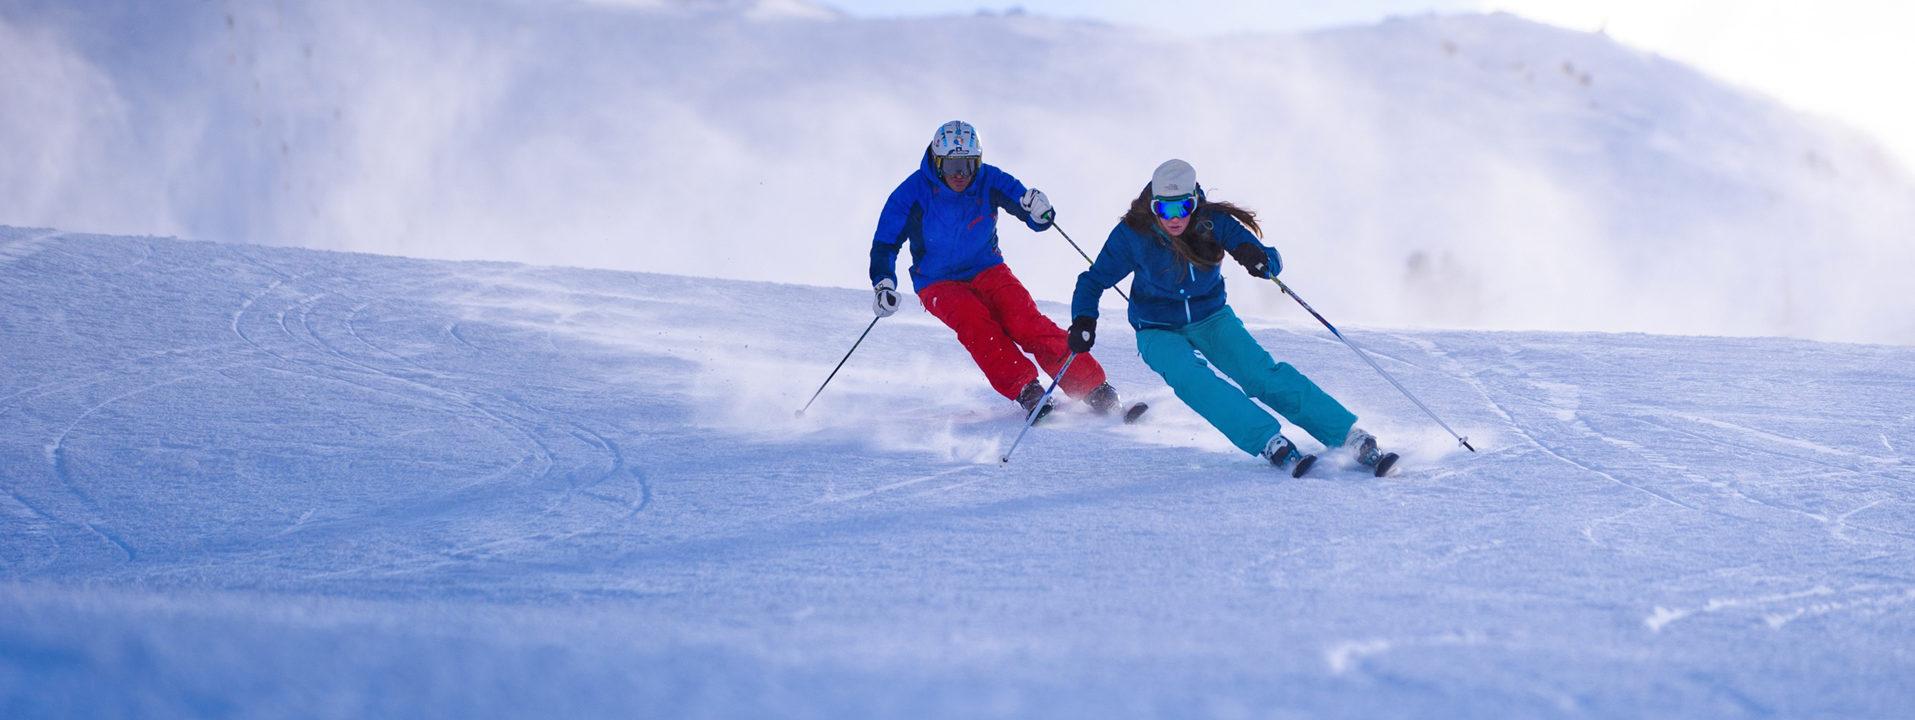 Bootfitting & skischoenen op maat